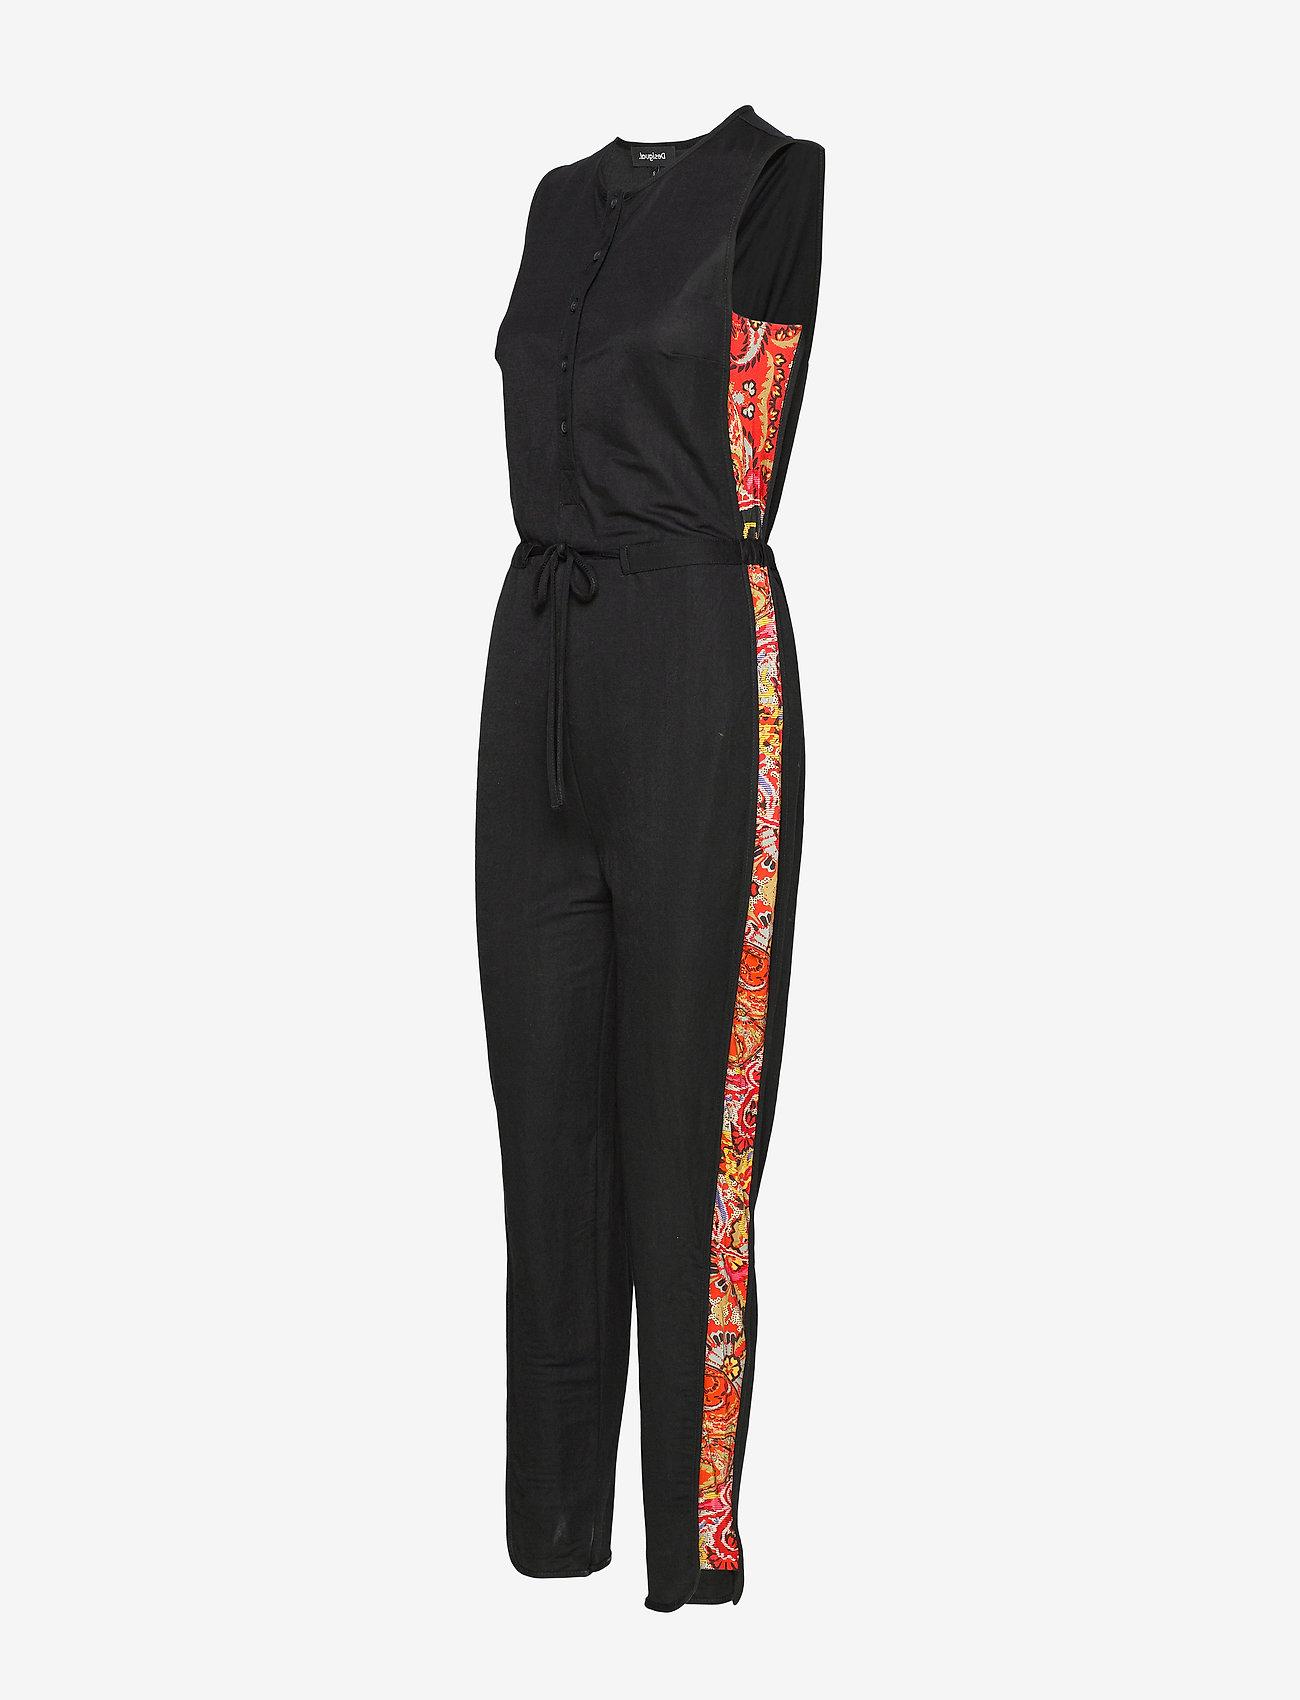 Pant Crayons (Negro) (599.50 kr) - Desigual